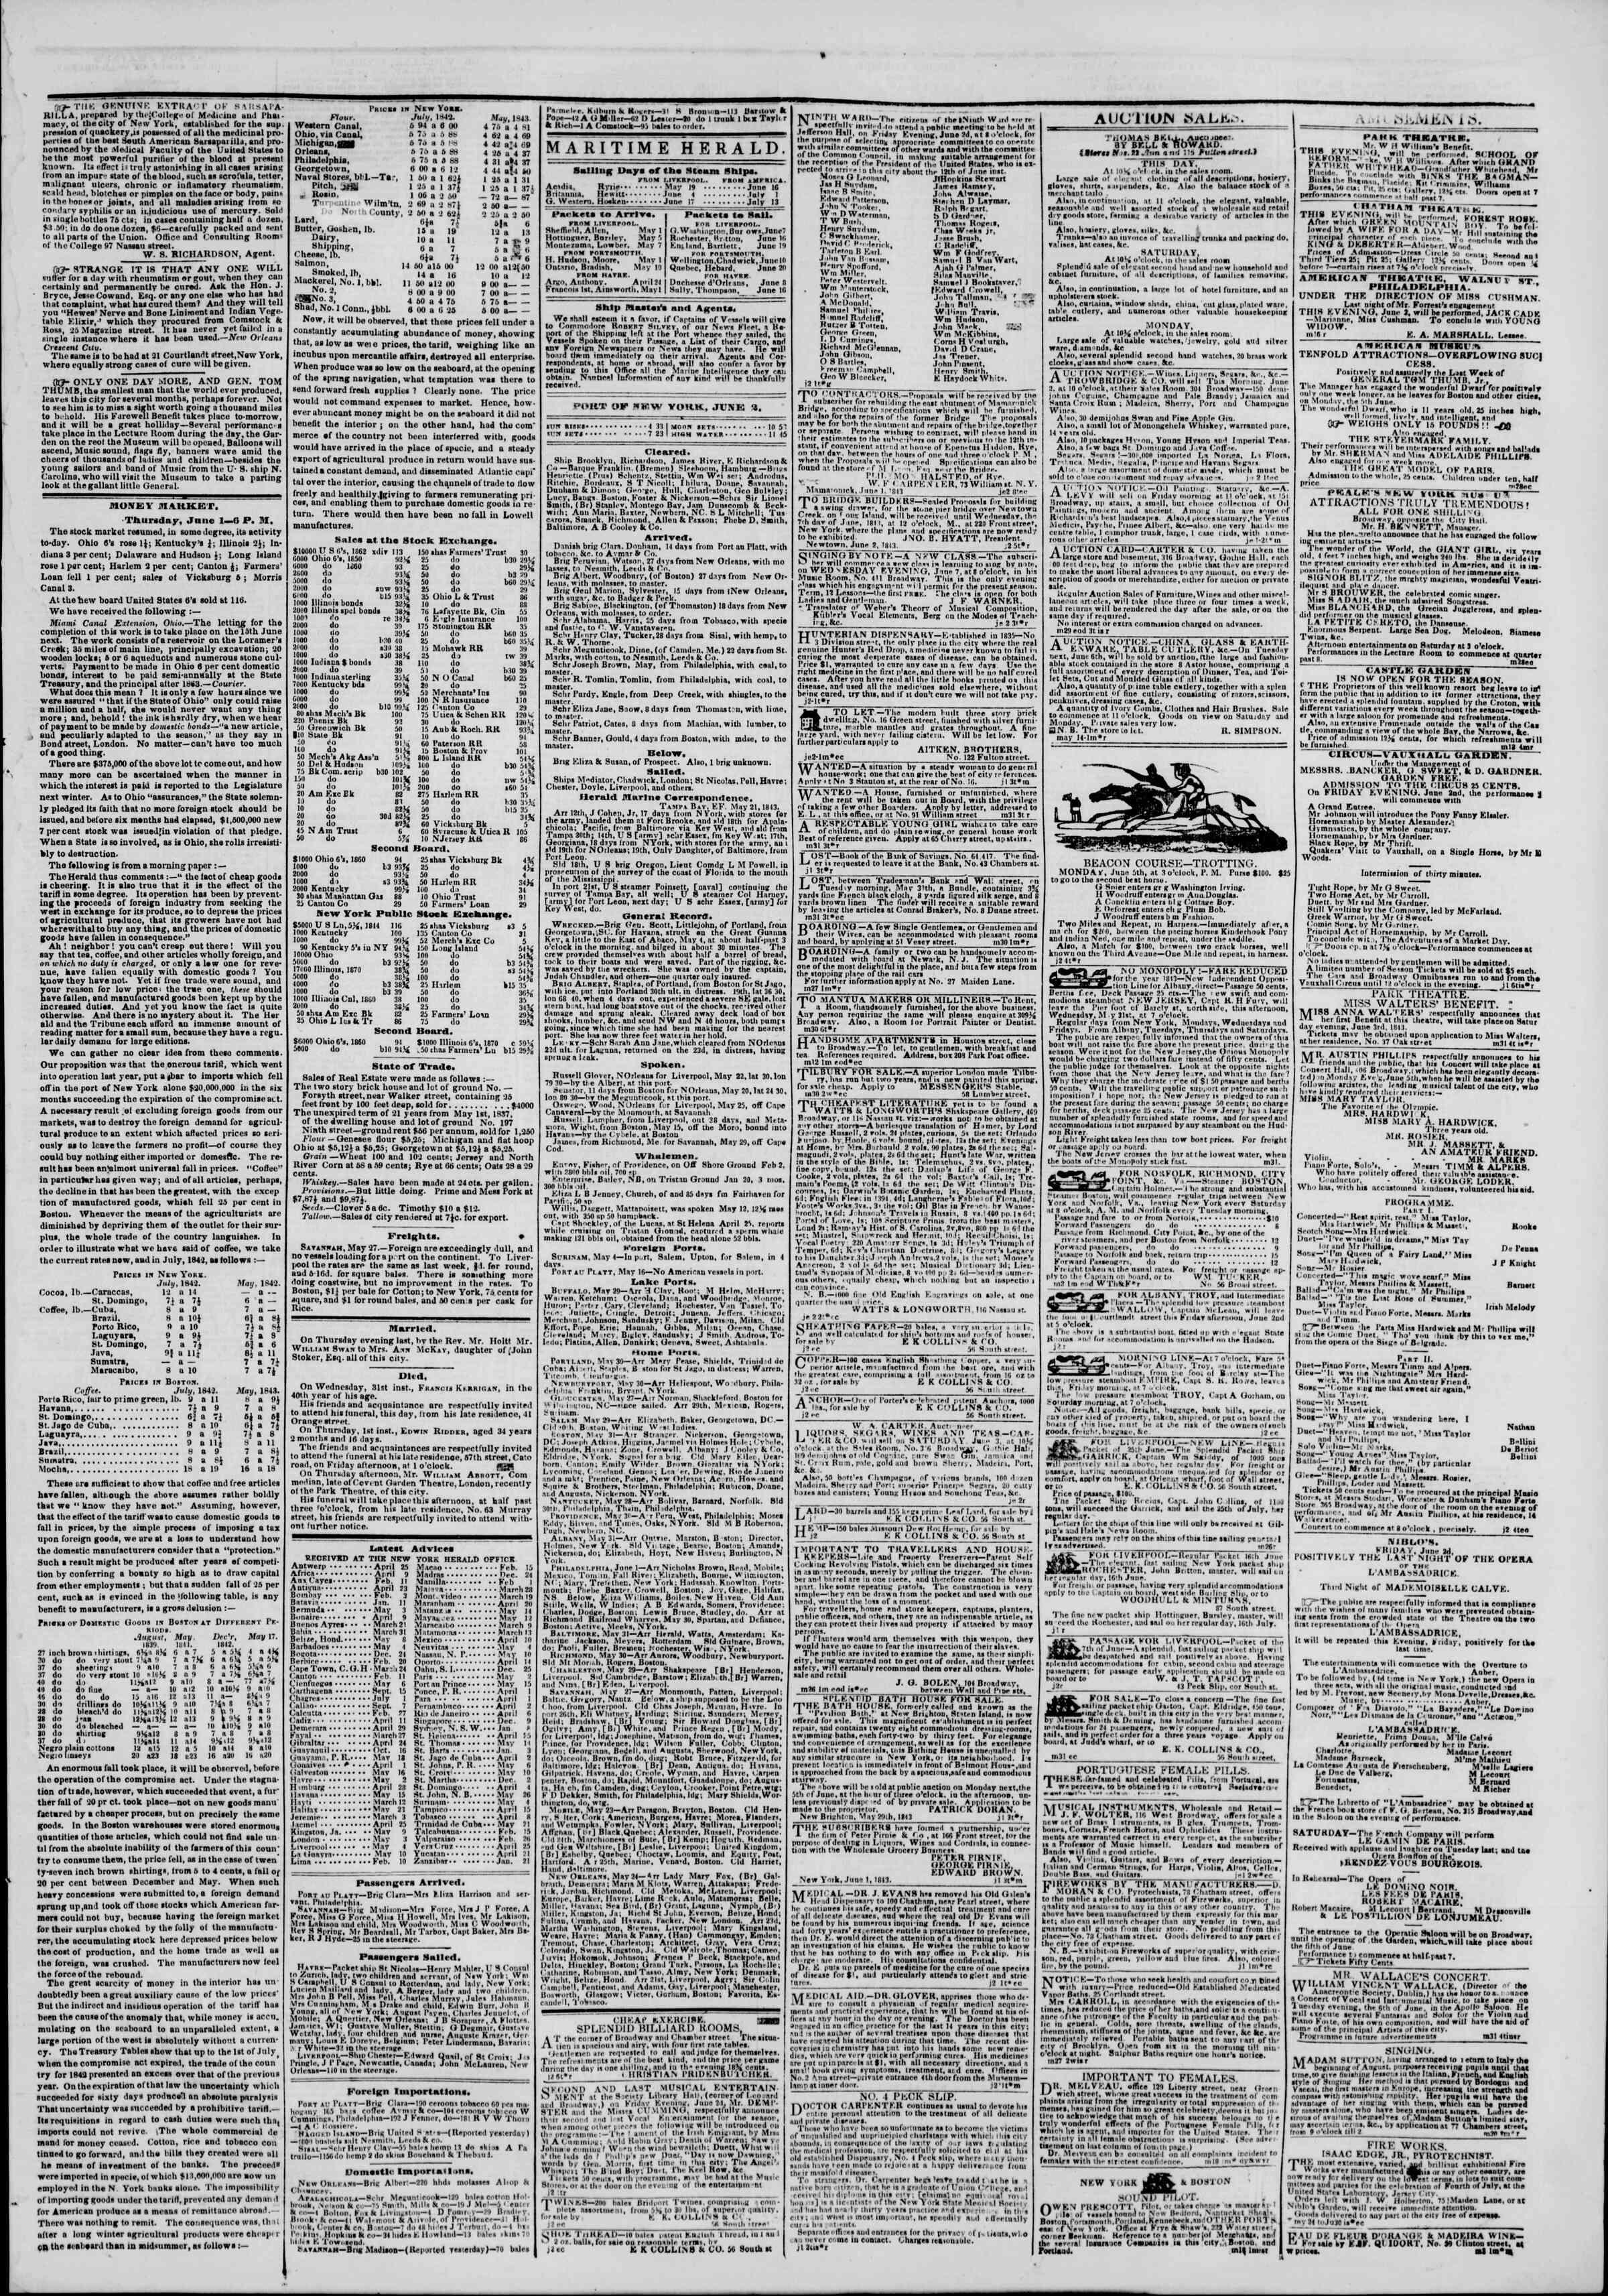 June 2, 1843 Tarihli The New York Herald Gazetesi Sayfa 3